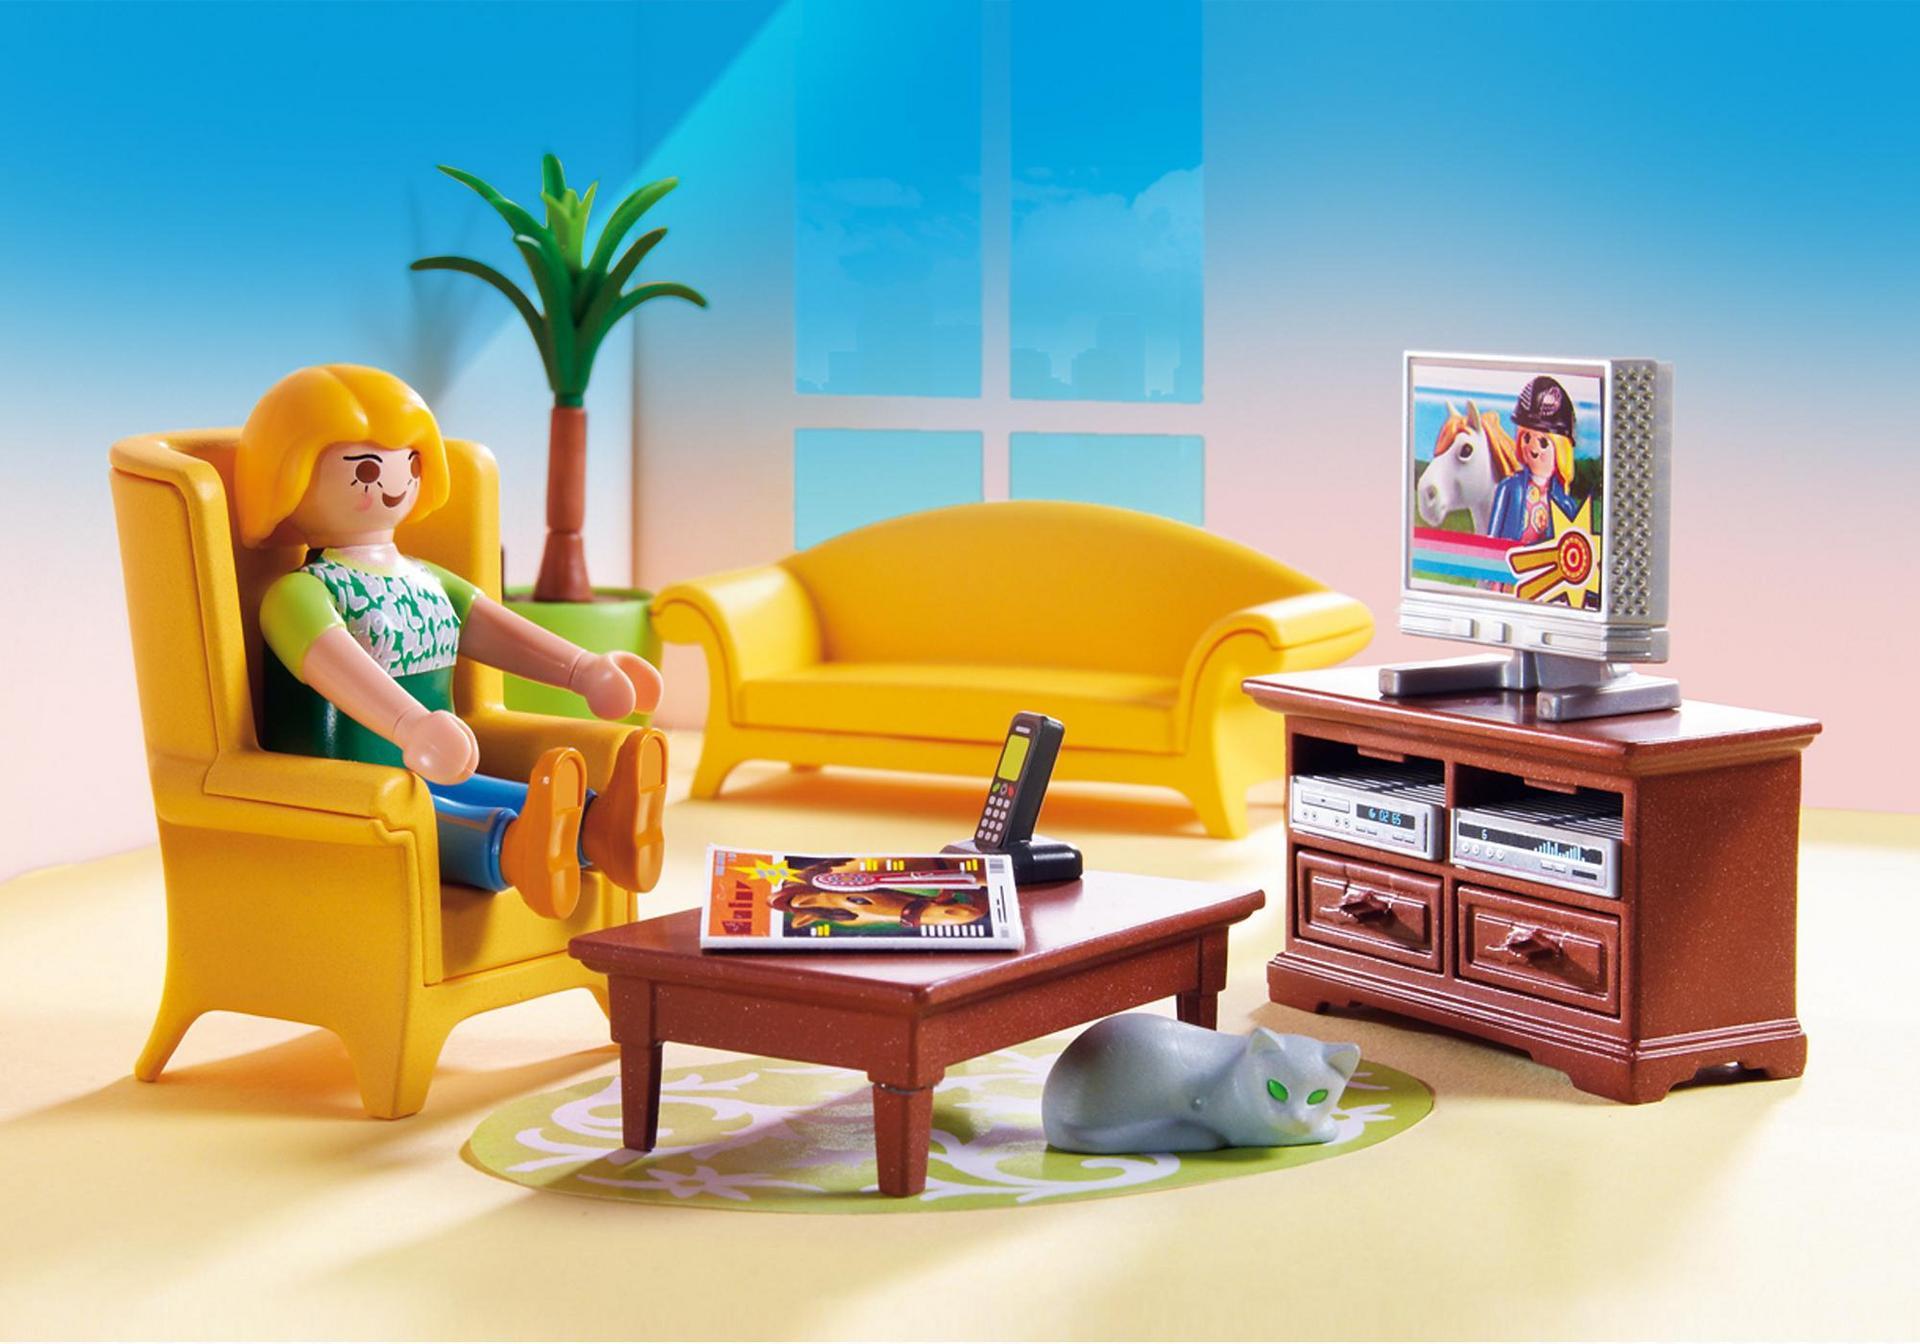 Wohnzimmer mit Kaminofen - 5308 - PLAYMOBIL® Deutschland